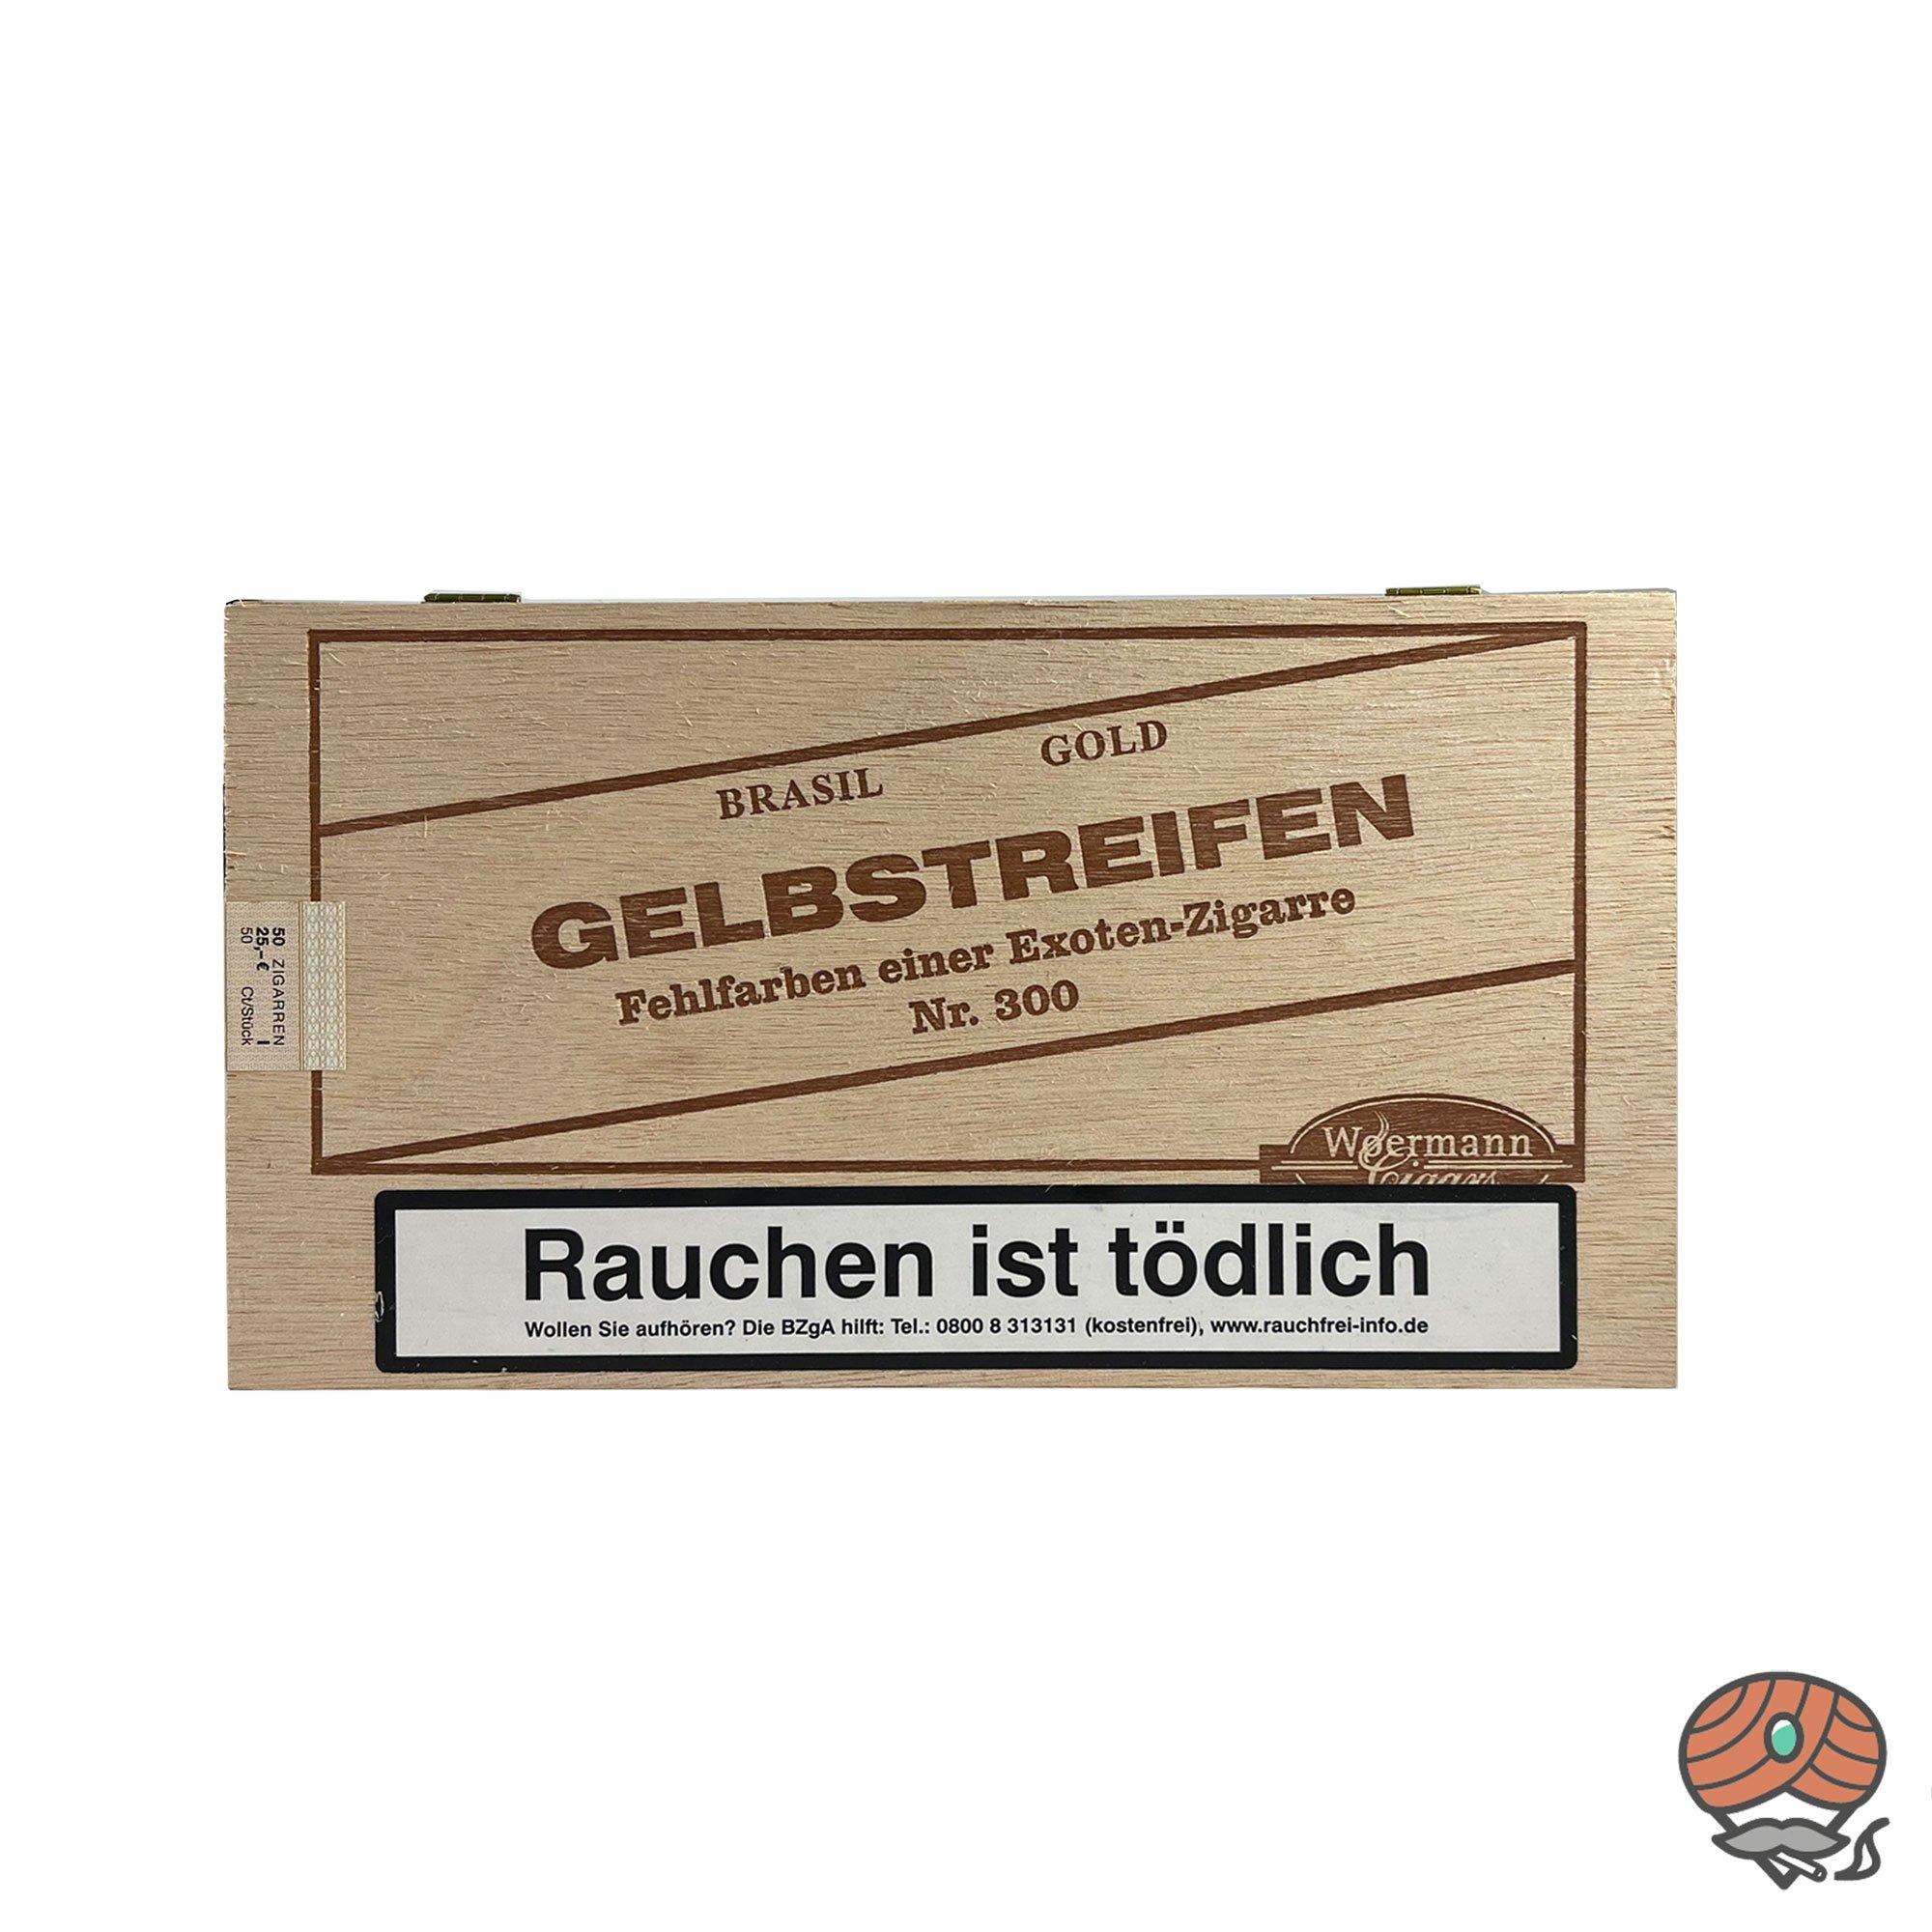 Gelbstreifen Brasil Nr. 300 Fehlfarben Zigarren 50 Stück